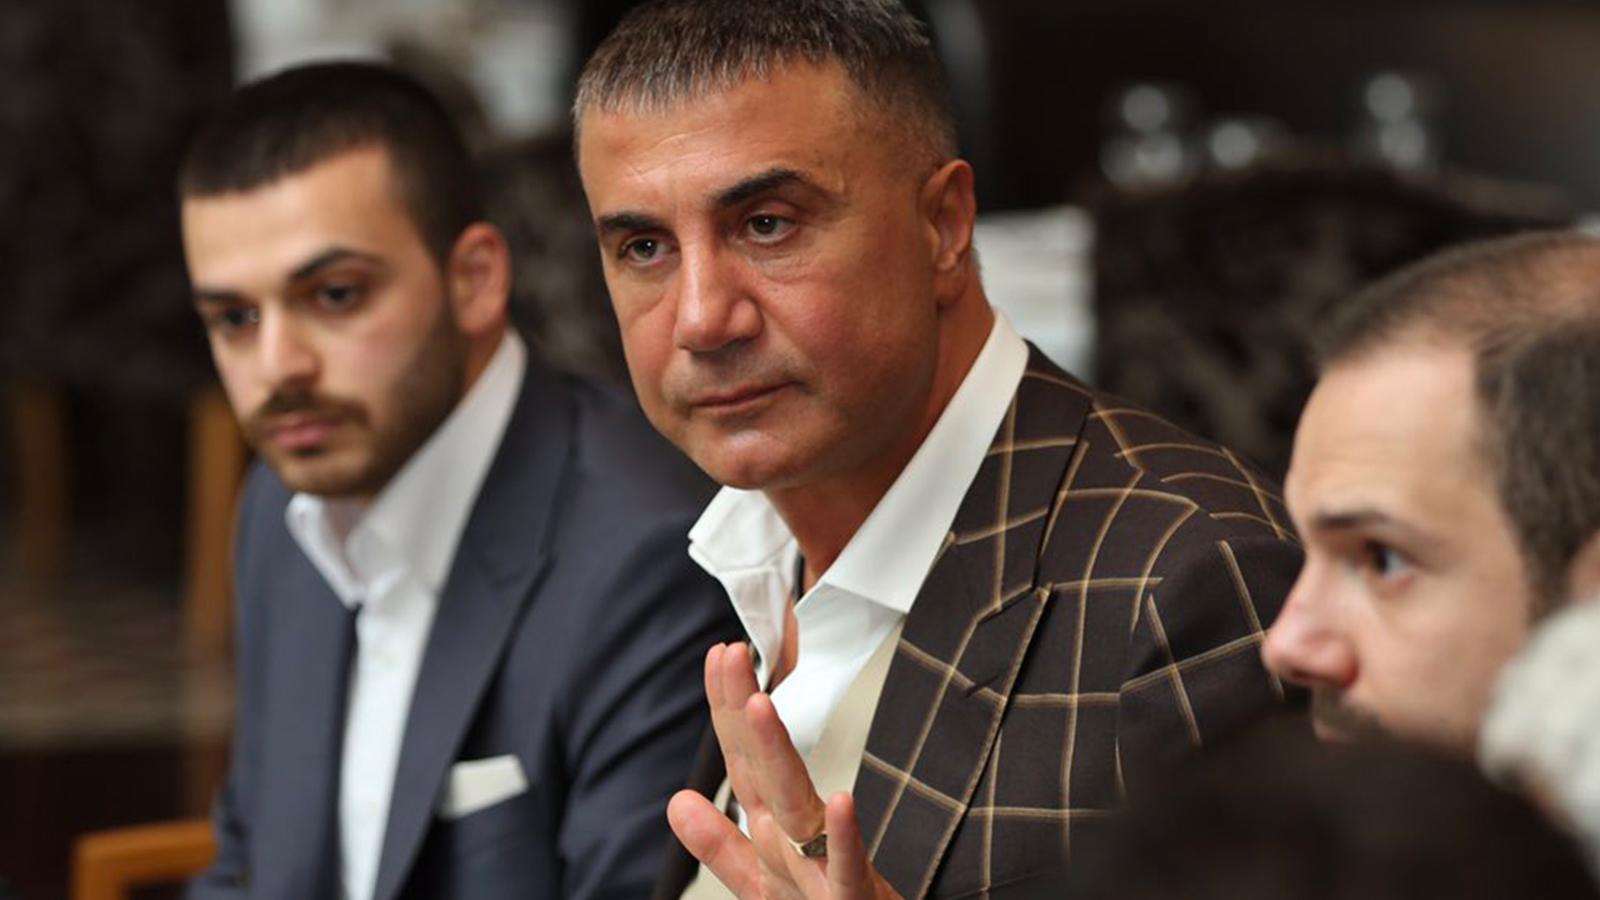 Arrestohet në Shkup bosi turk i drogës Sedat Peker, gjen strehim në Kosovë